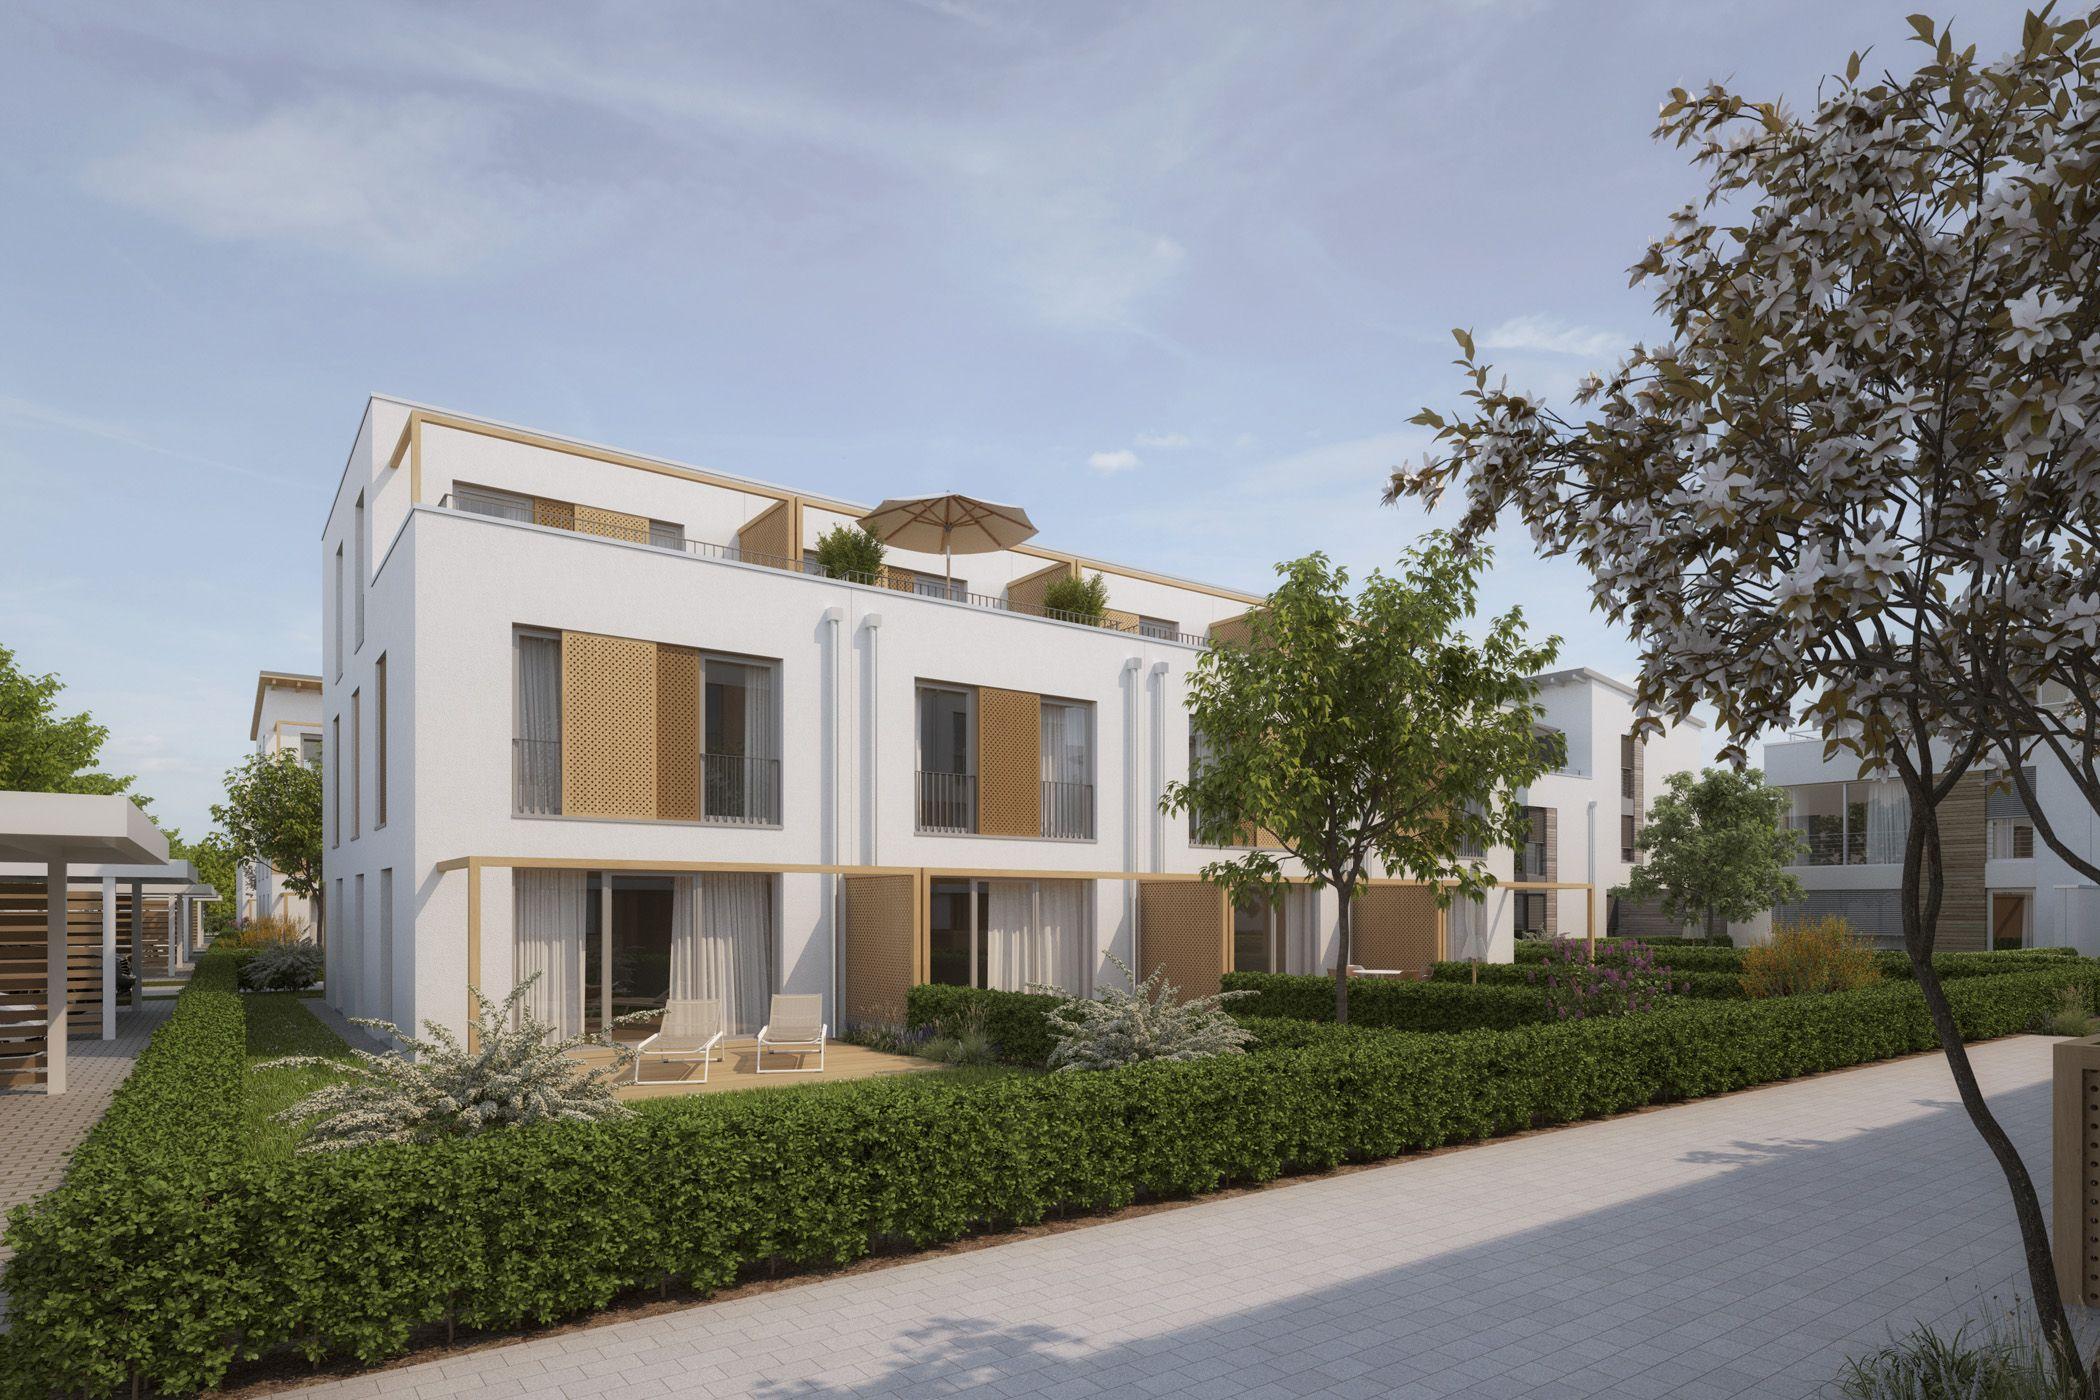 Visualisierung 3d beispielbebauung bebauungsplan birkenstraße typ reihenhaus